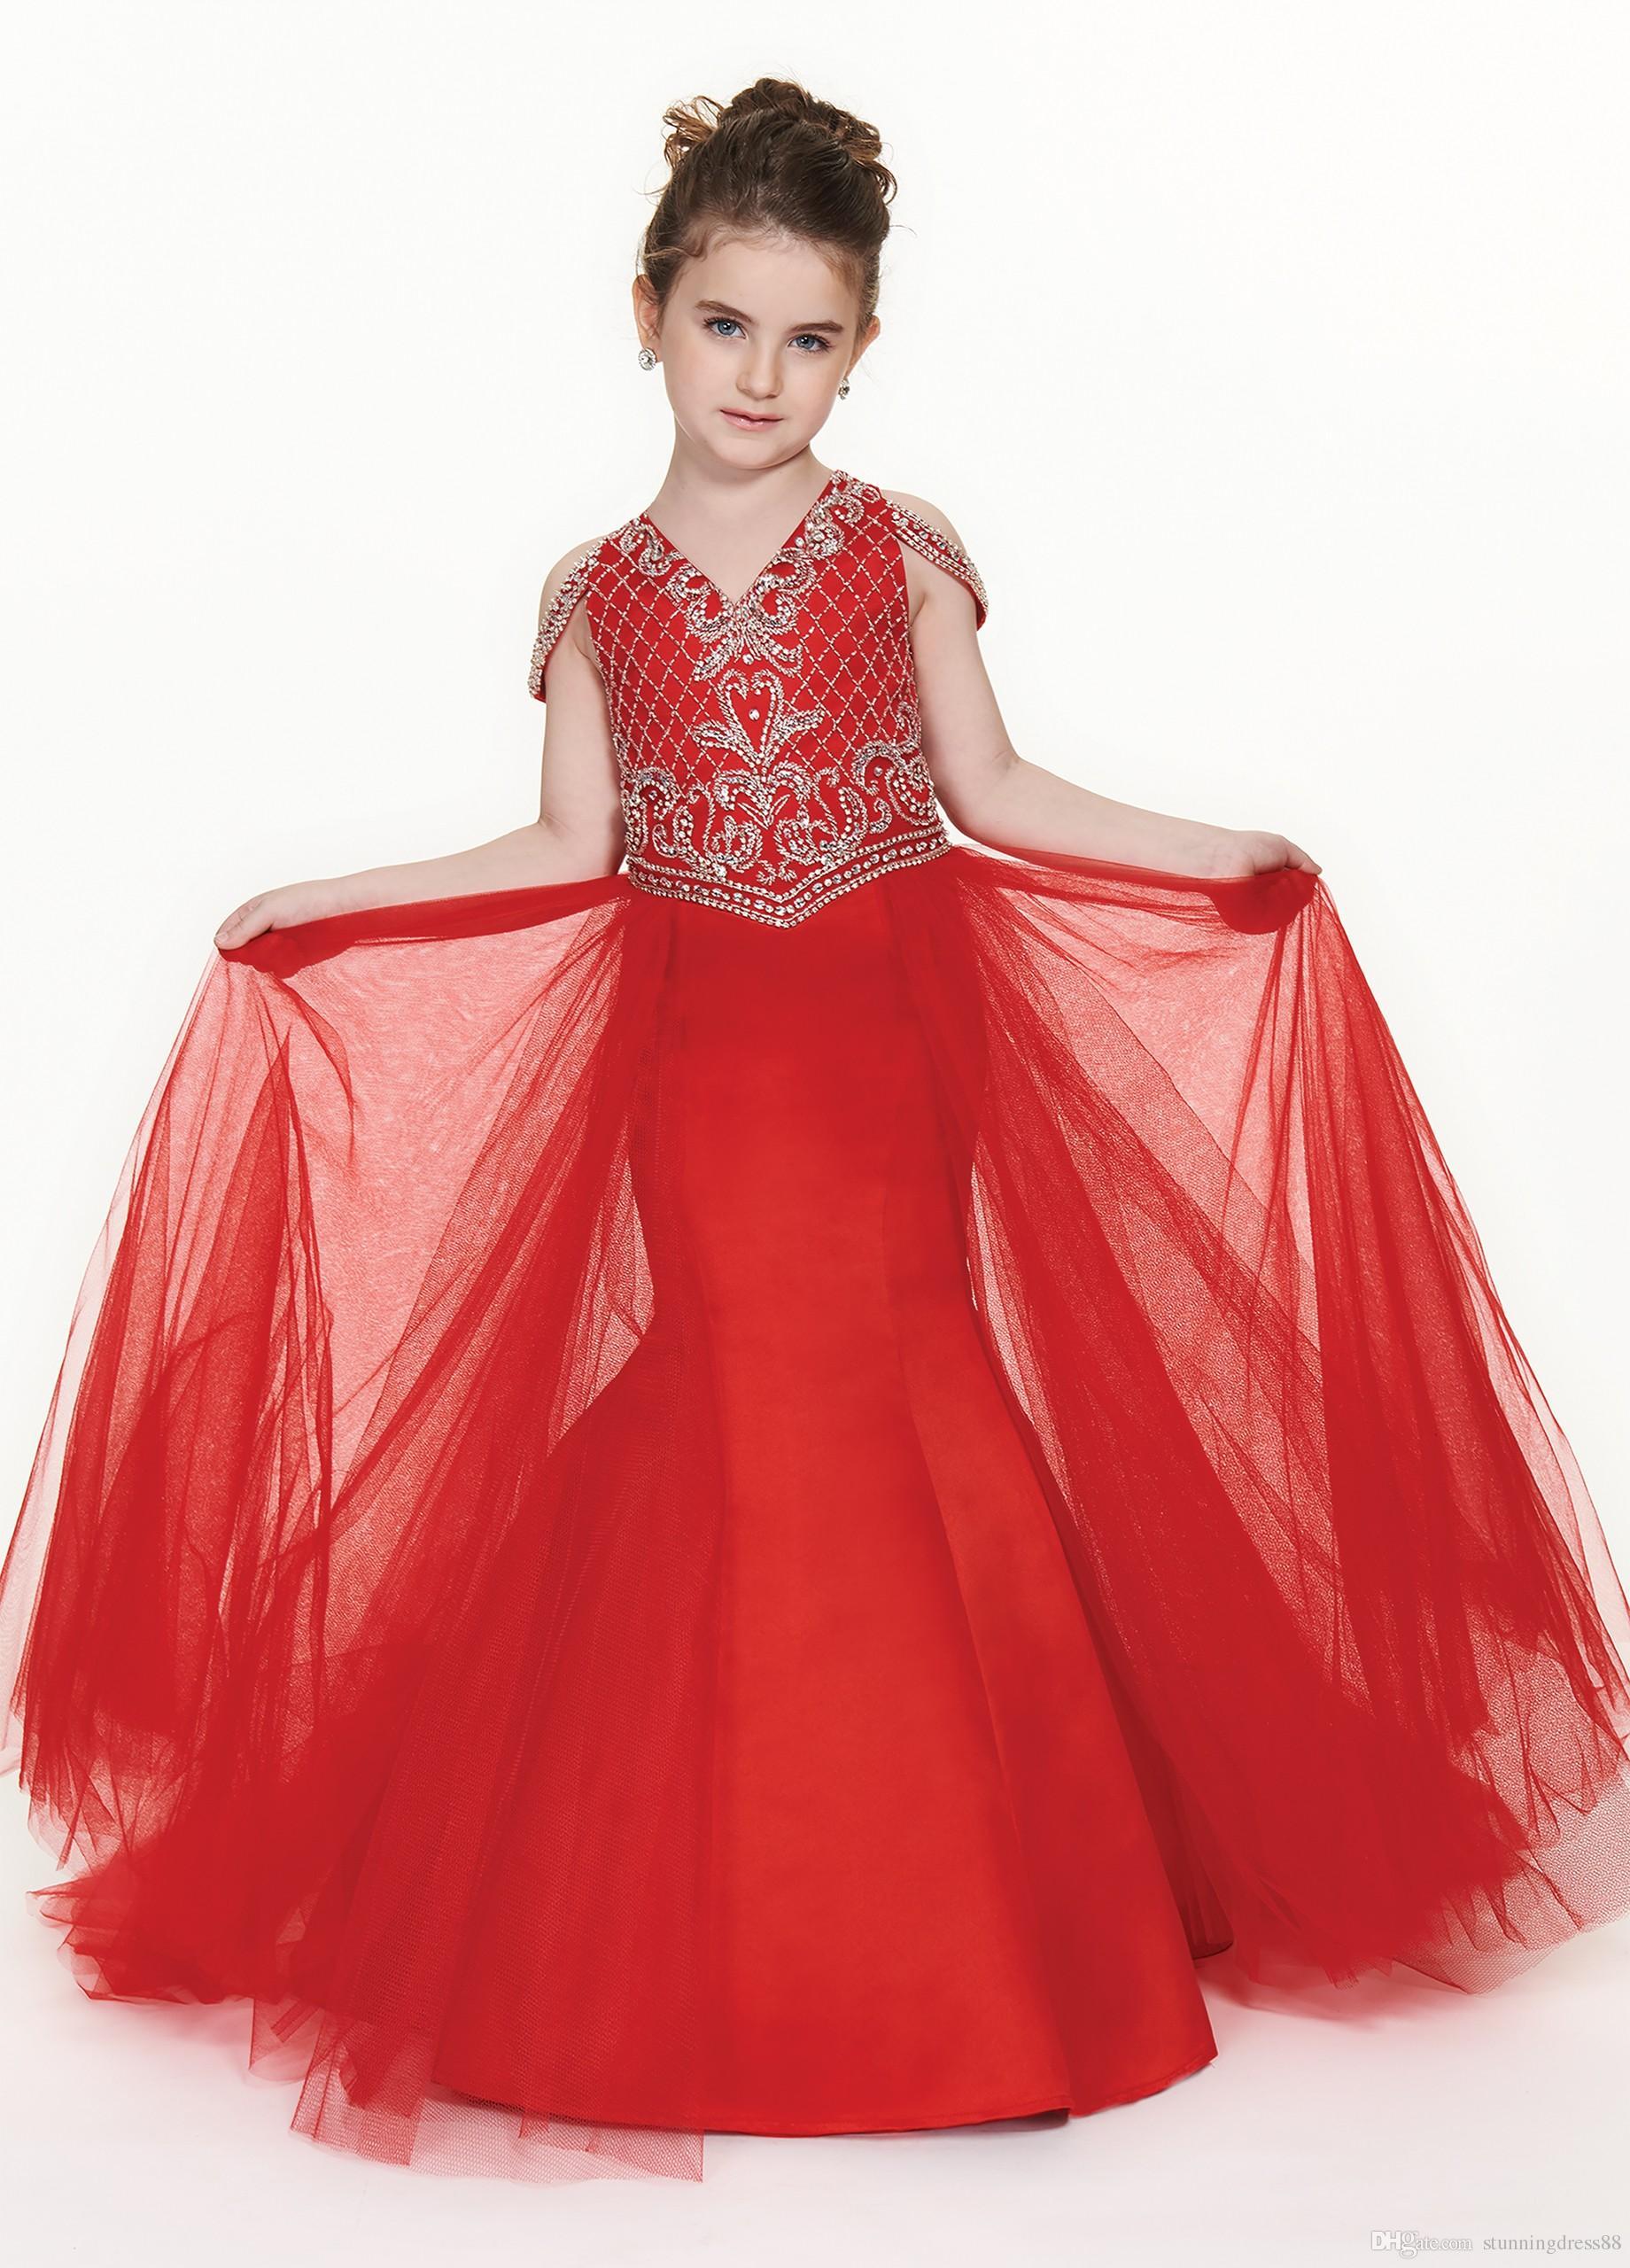 Unique Pageant Dresses